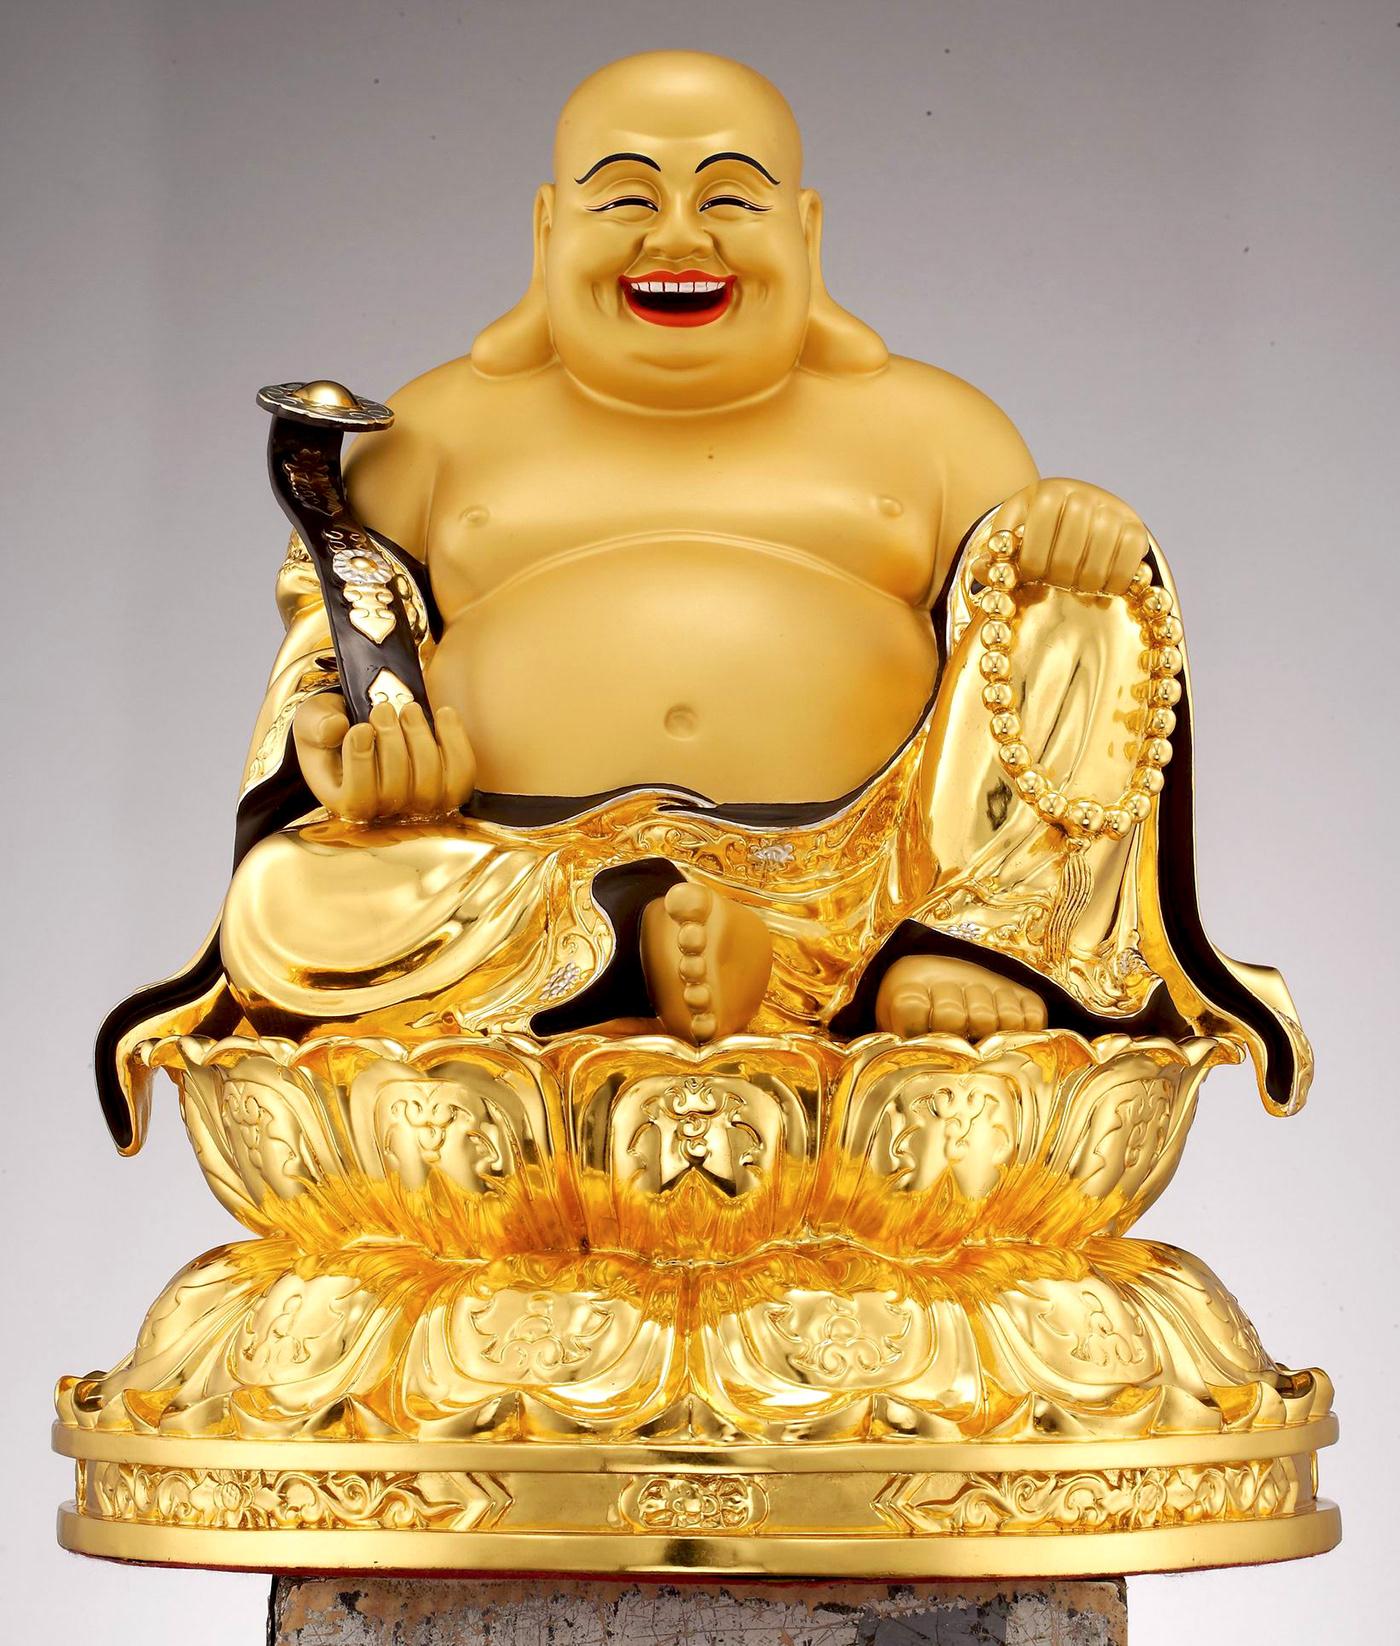 Hình ảnh tượng Phật Di Lăc đẹp